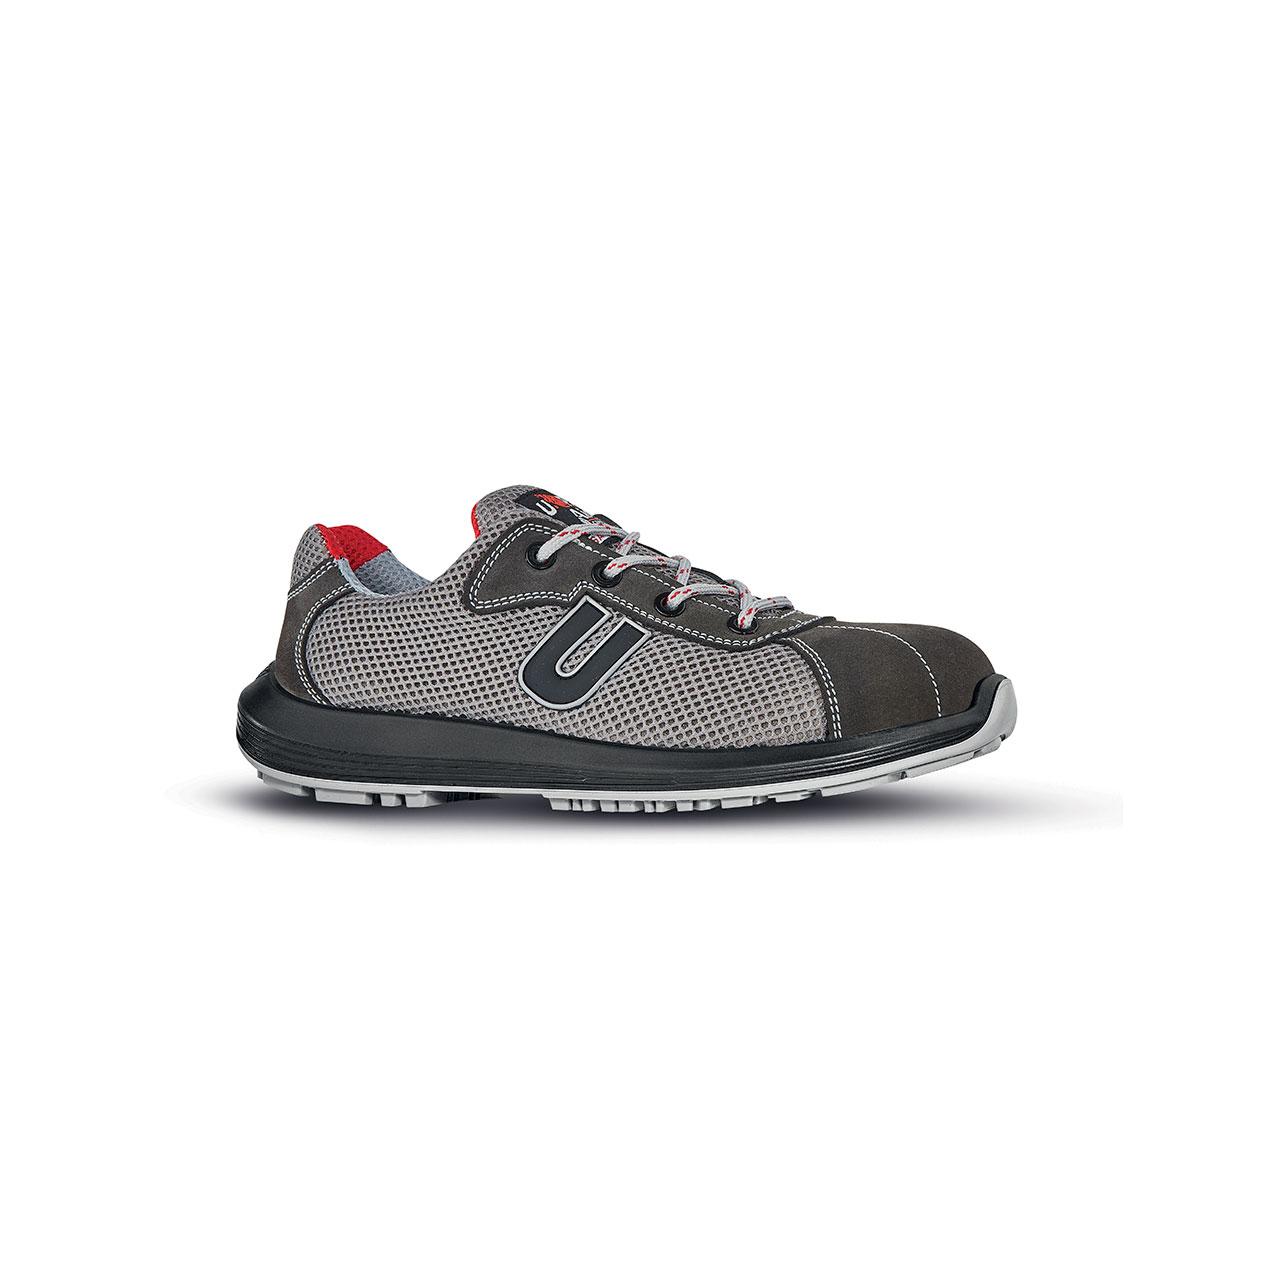 scarpa antinfortunistica upower modello coal linea rock_roll vista laterale